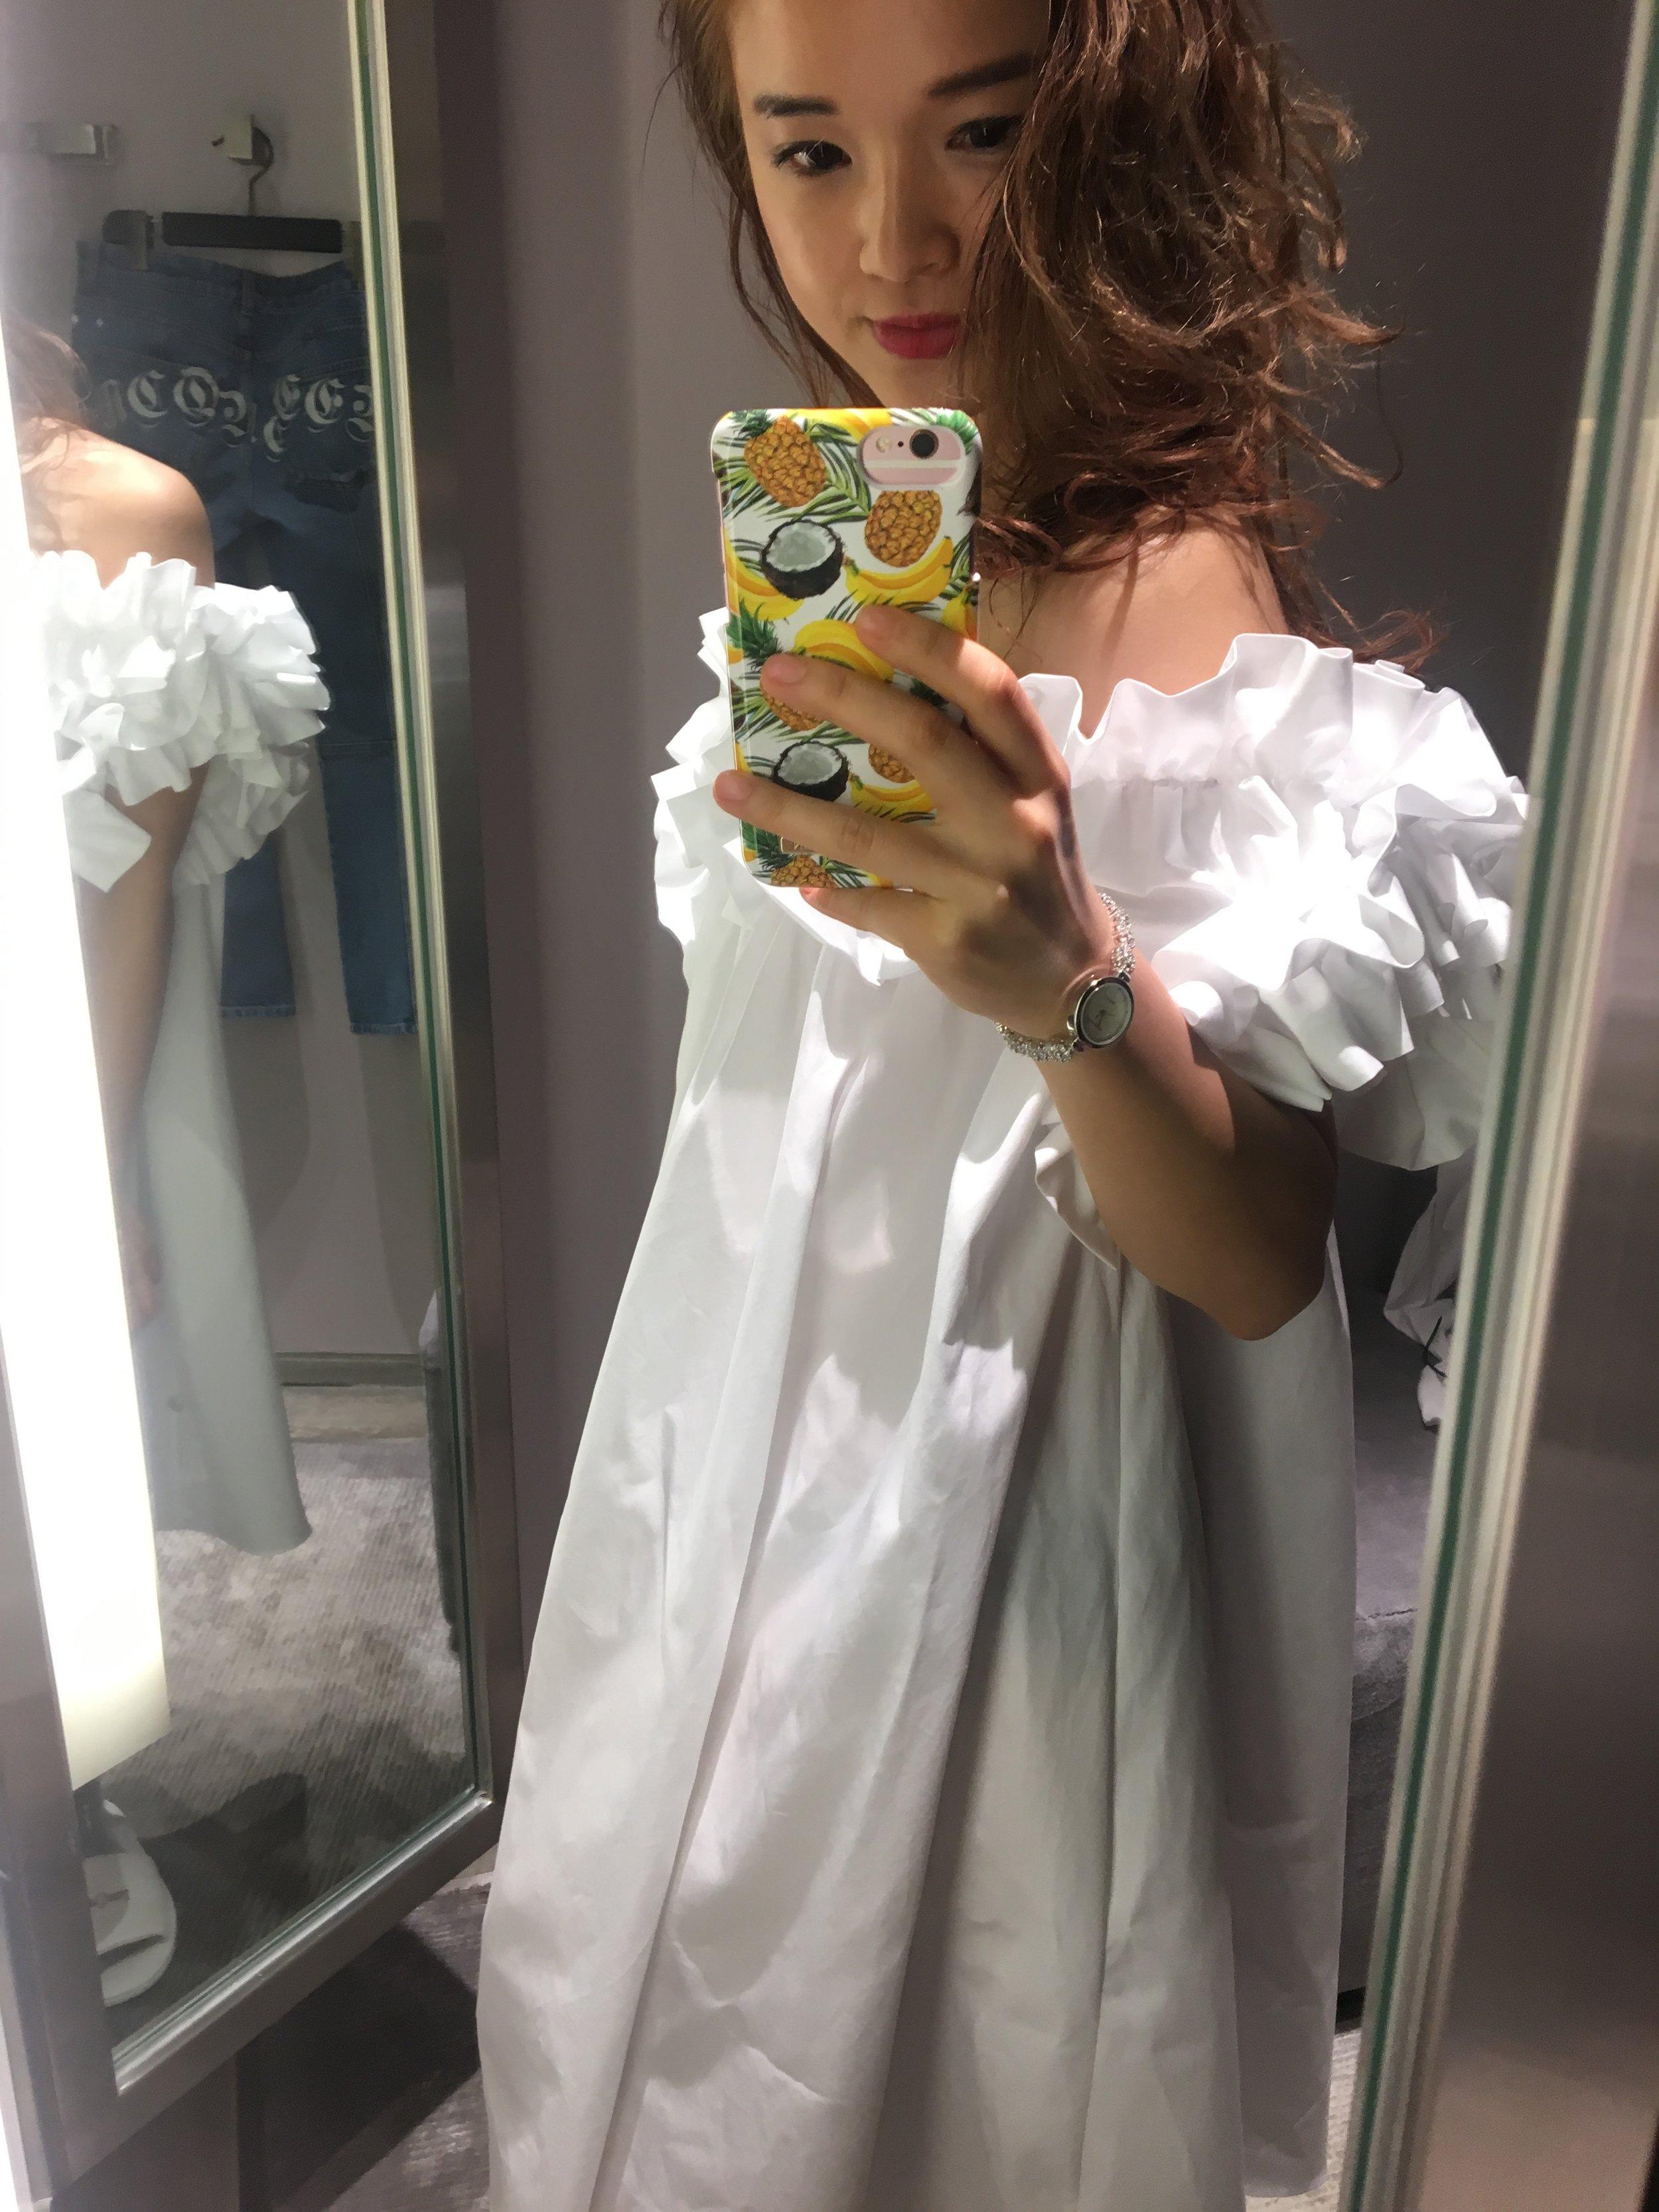 alexander_mcqueen_poplin_ruffle_dress_sizing_size_guide.jpg